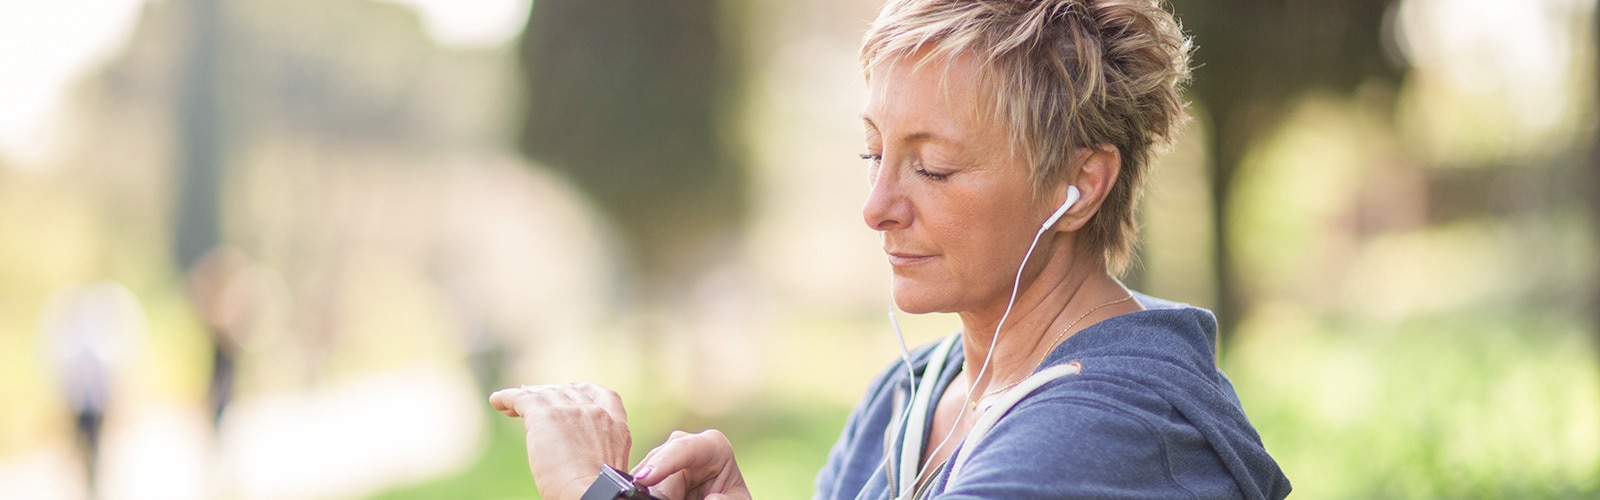 Biegaczka ze słuchawkami wuszach sprawdza godzinę na swoim zegarku